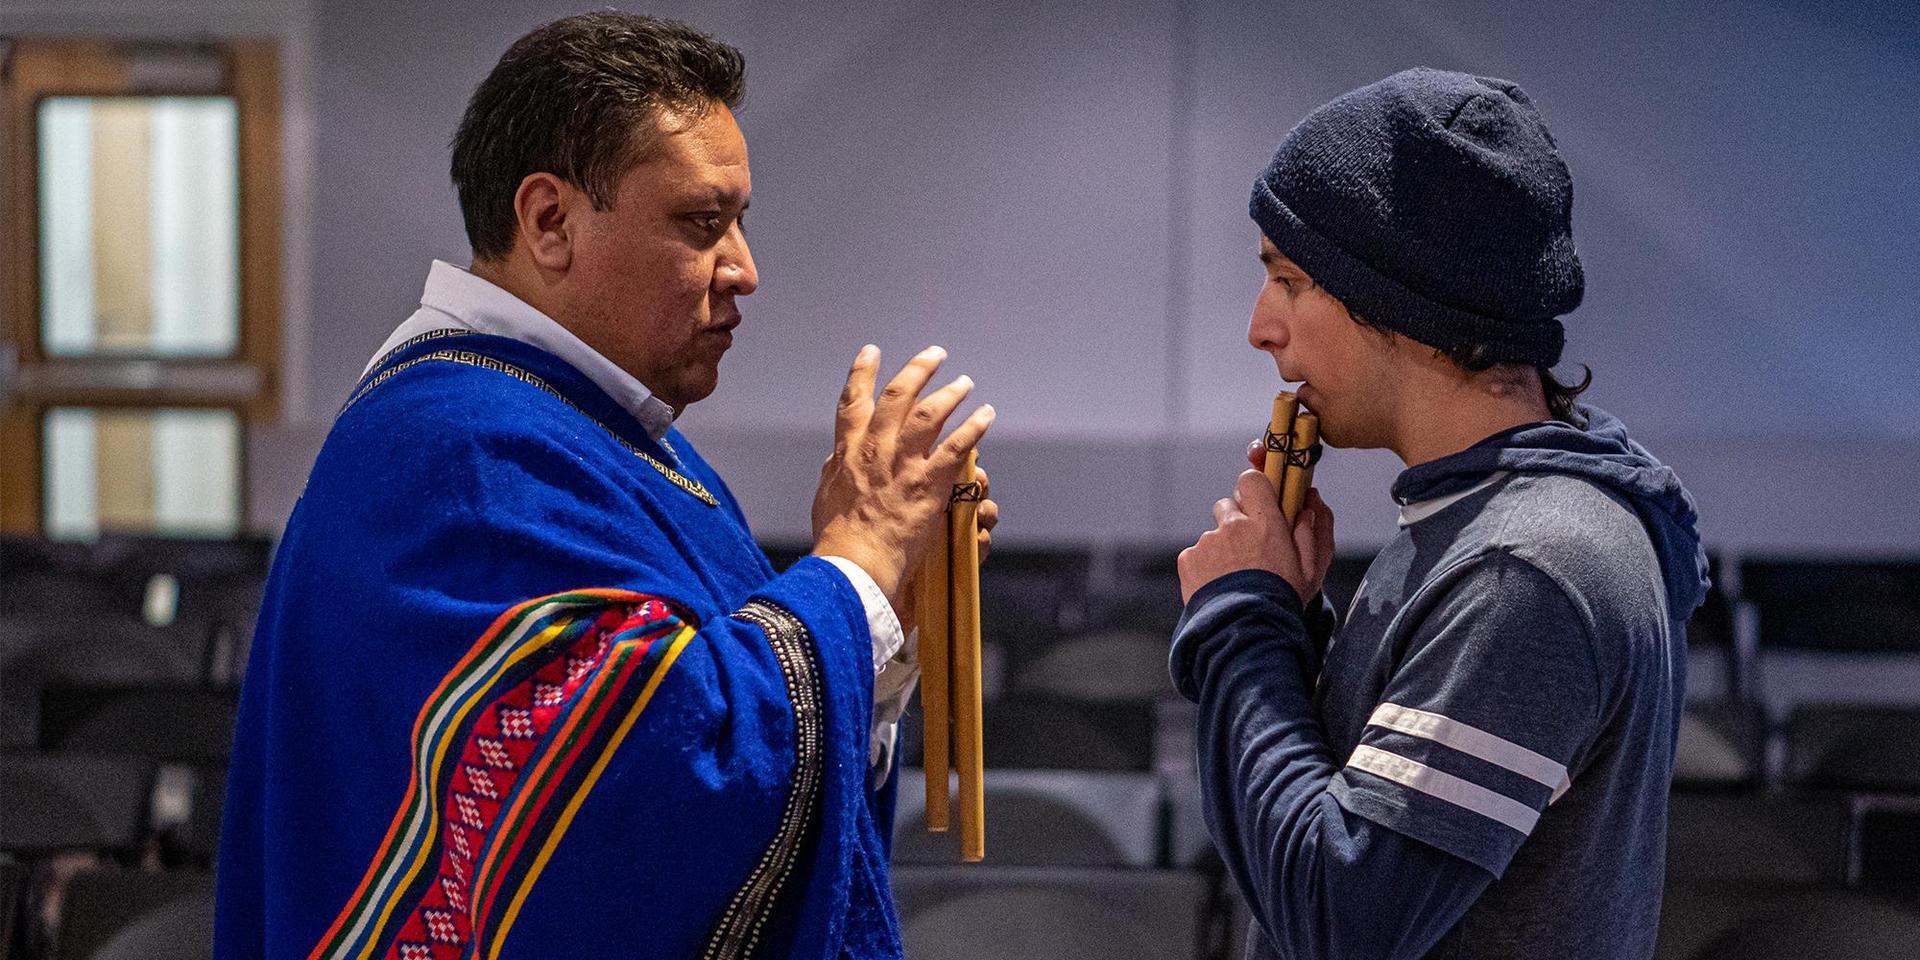 新印加之子乐队领队正在教一名学生吹排箫.